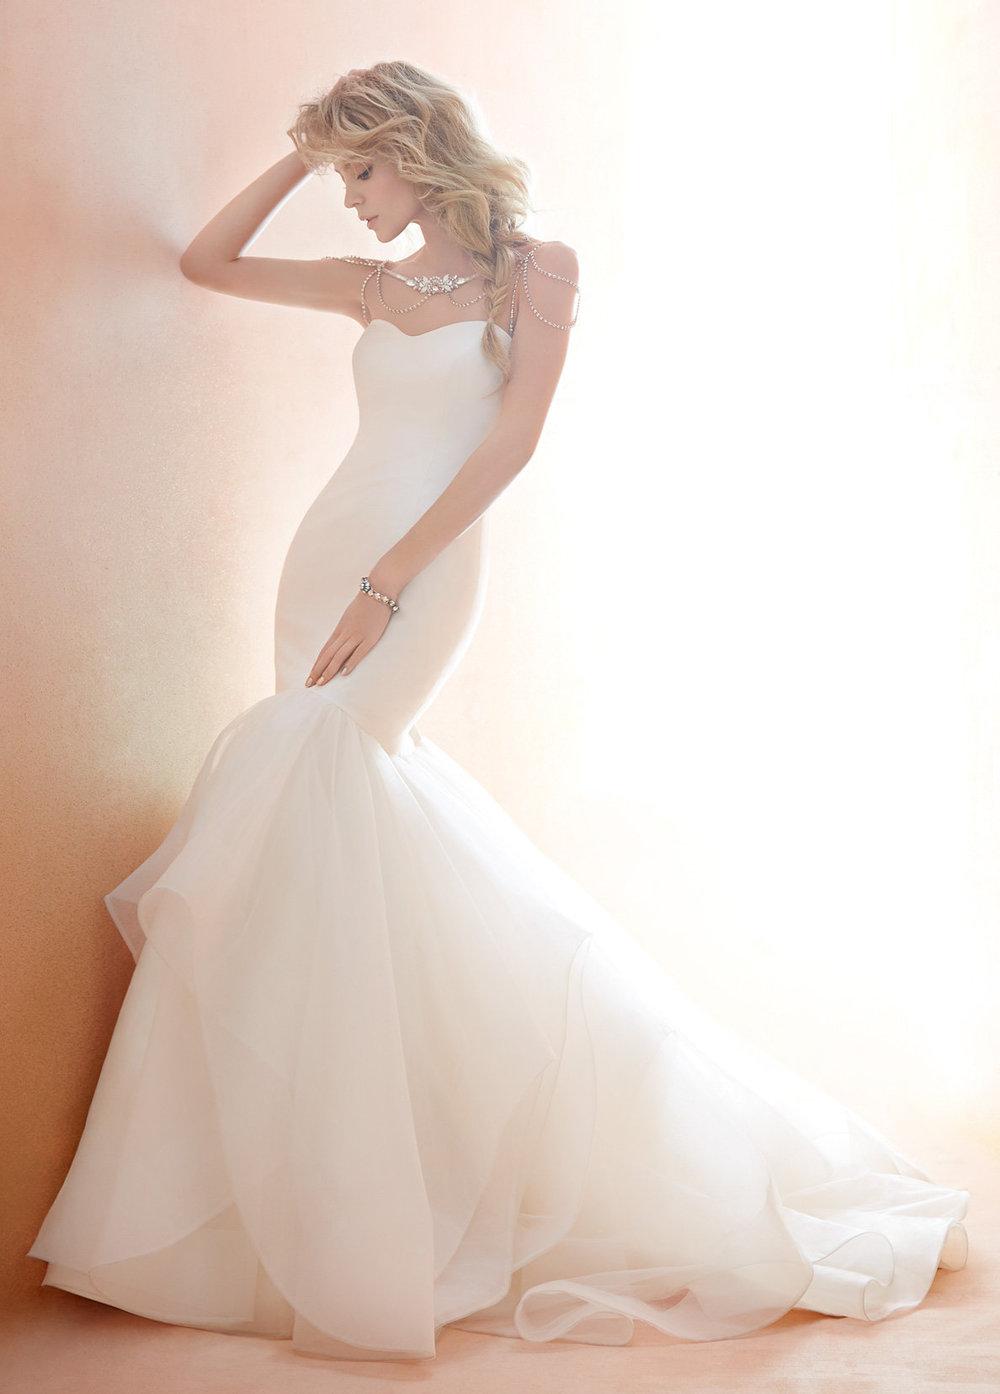 blush-hayley-paige-bridal-dupioni-tulle-fit-to-flare-elongated-bodice-detachable-beaded-bolero-1450_lg.jpg